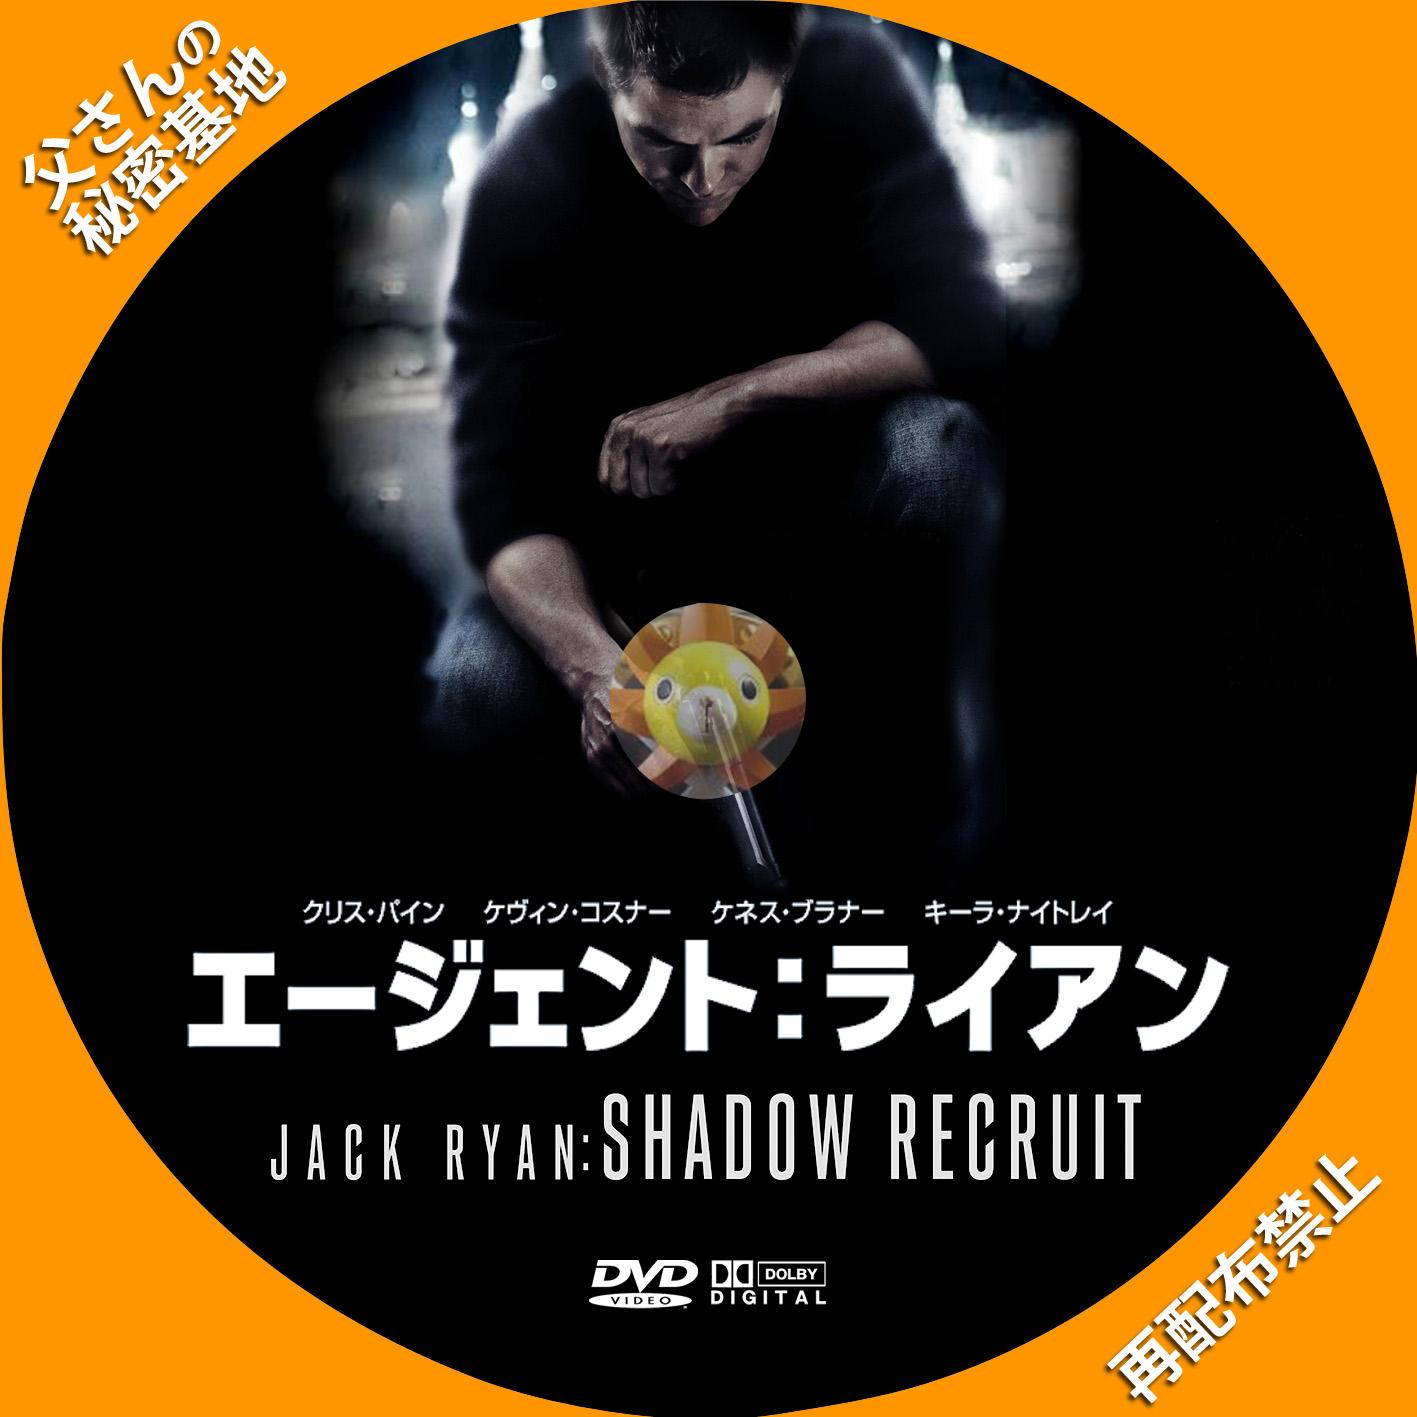 JackRyan_01_DVD.jpg